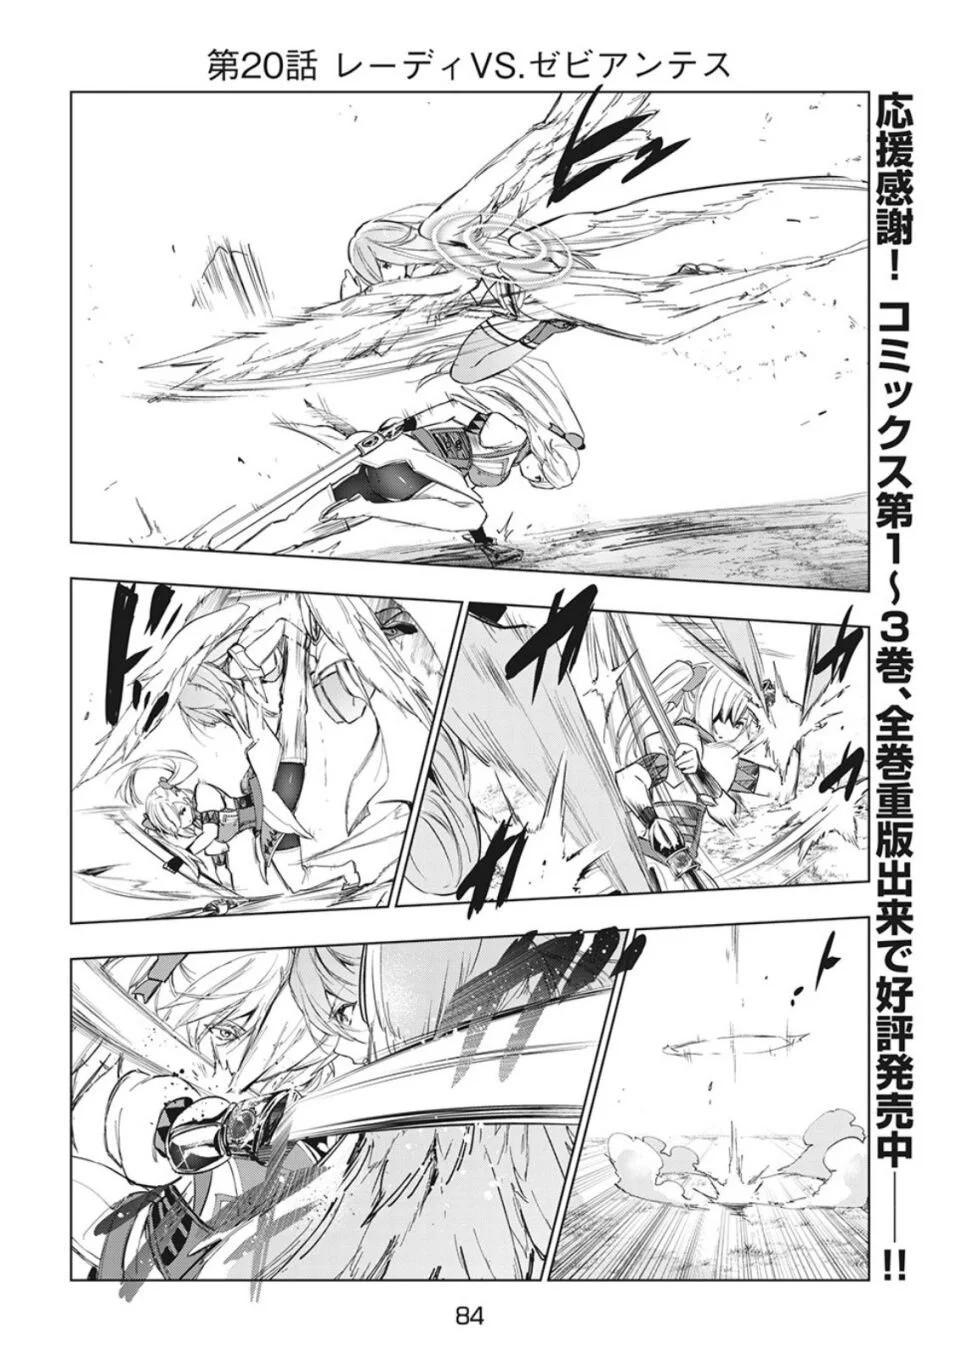 อ่านการ์ตูน Kaiko sareta Ankoku Heishi (30-dai) no Slow na Second ตอนที่ 20 หน้าที่ 2